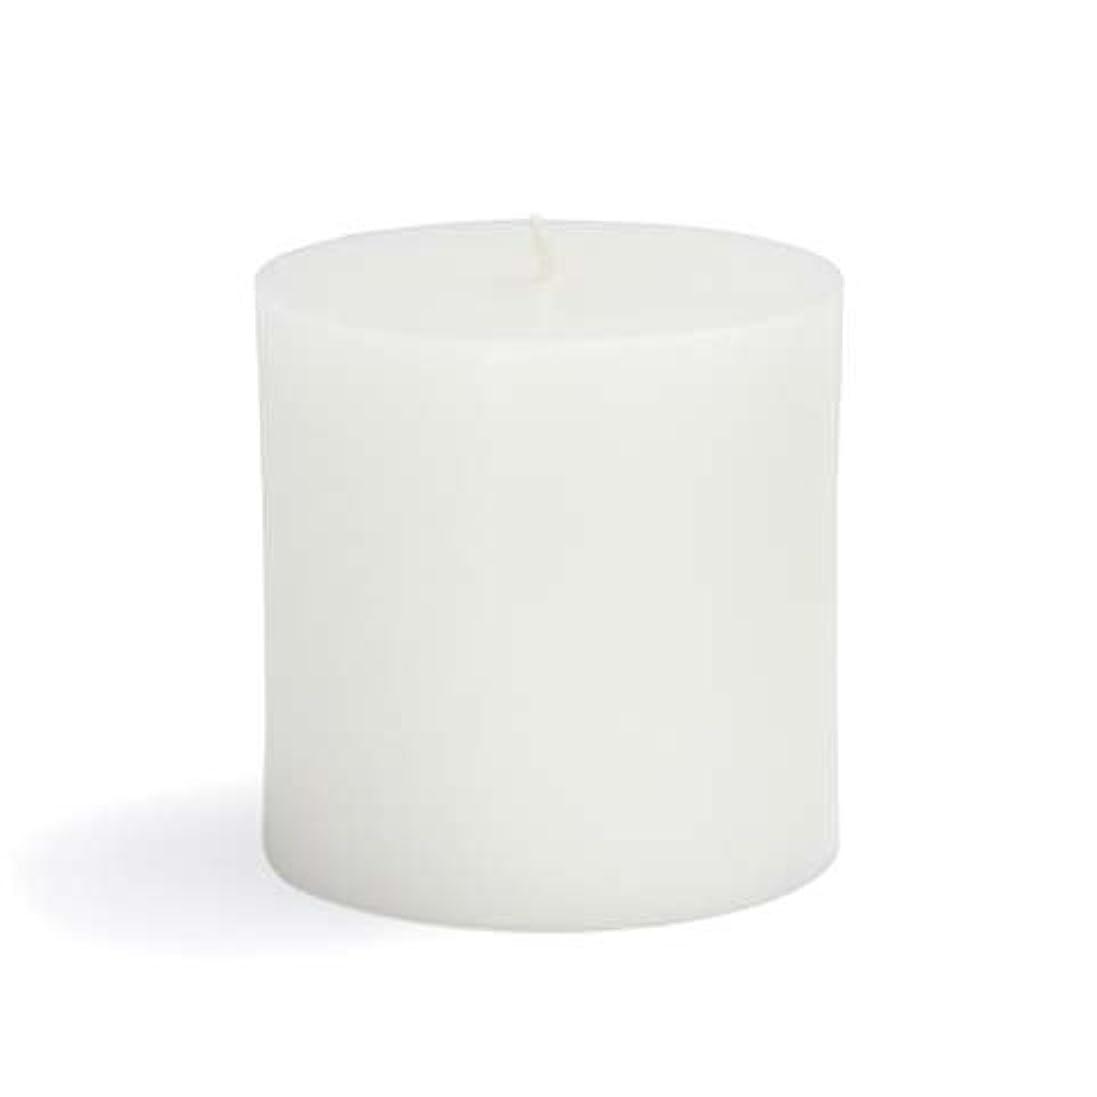 神何故なのエクステントZest Candle CPZ-071-12 3 x 3 in. White Pillar Candles -12pcs-Case- Bulk